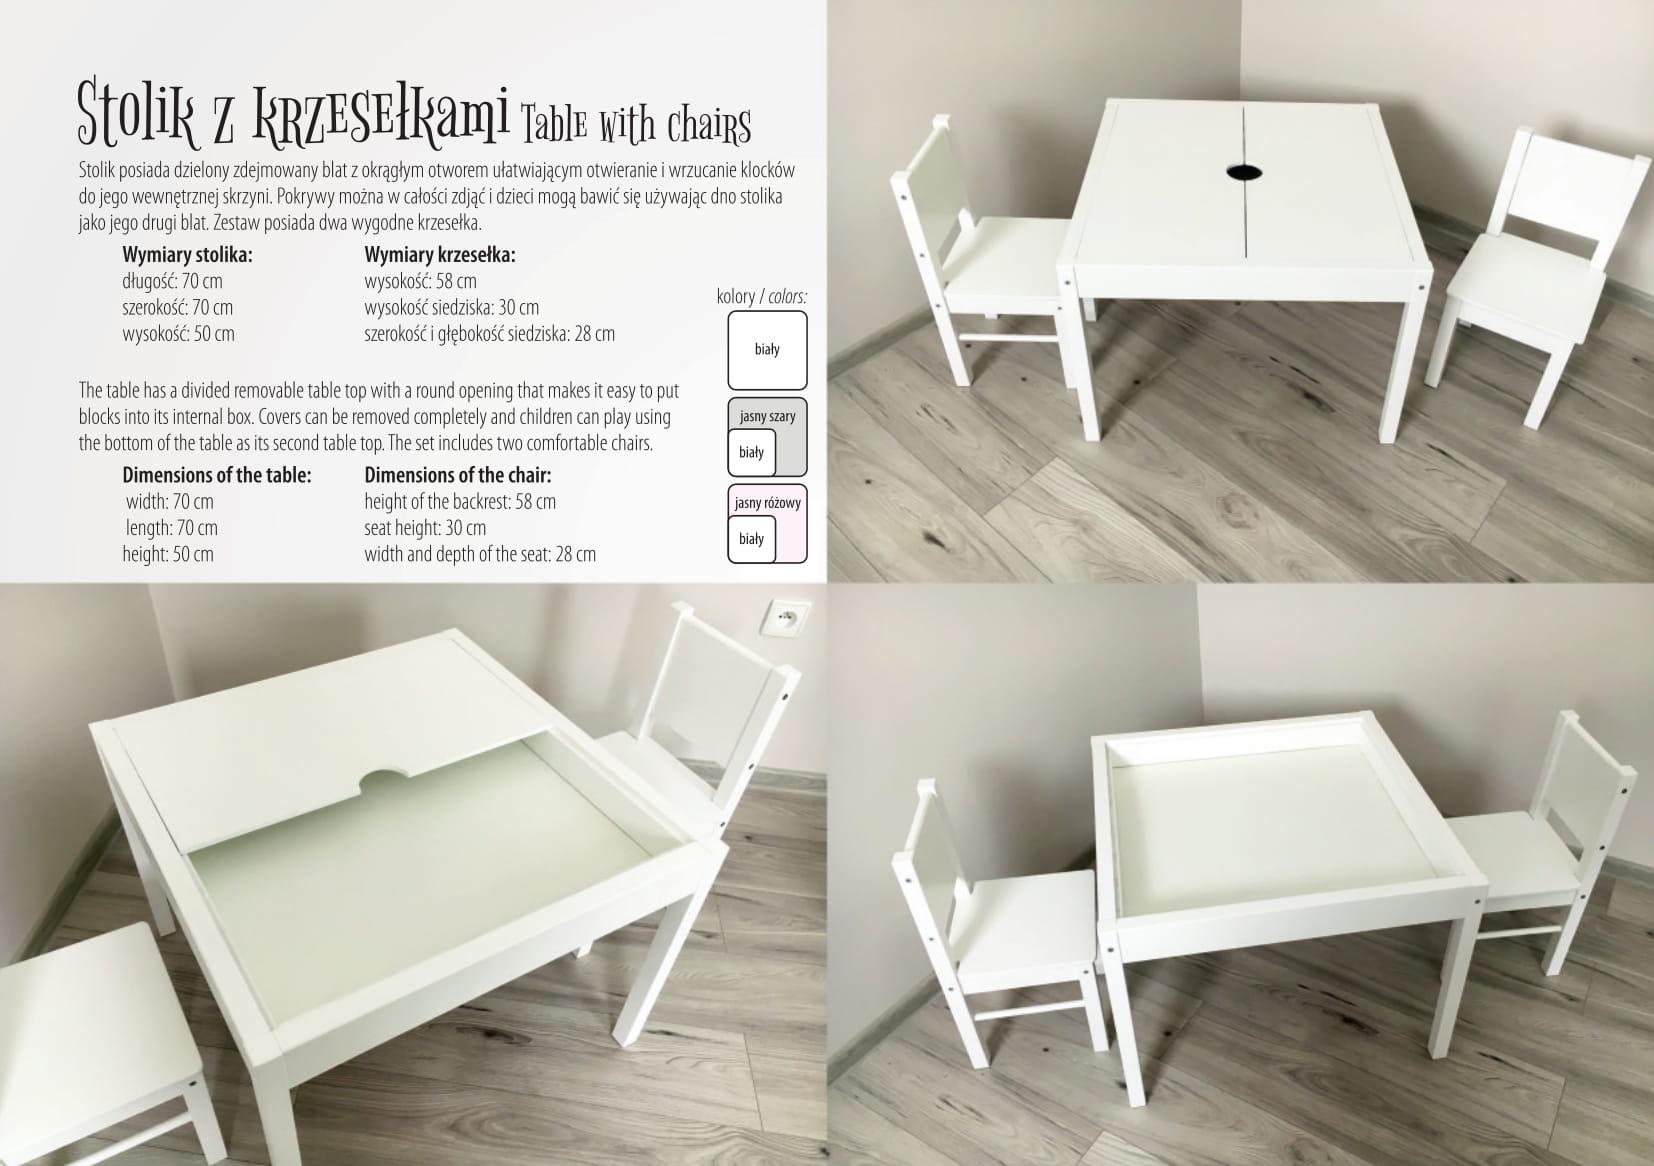 Drewex 2 krzesełka biały jasny róż